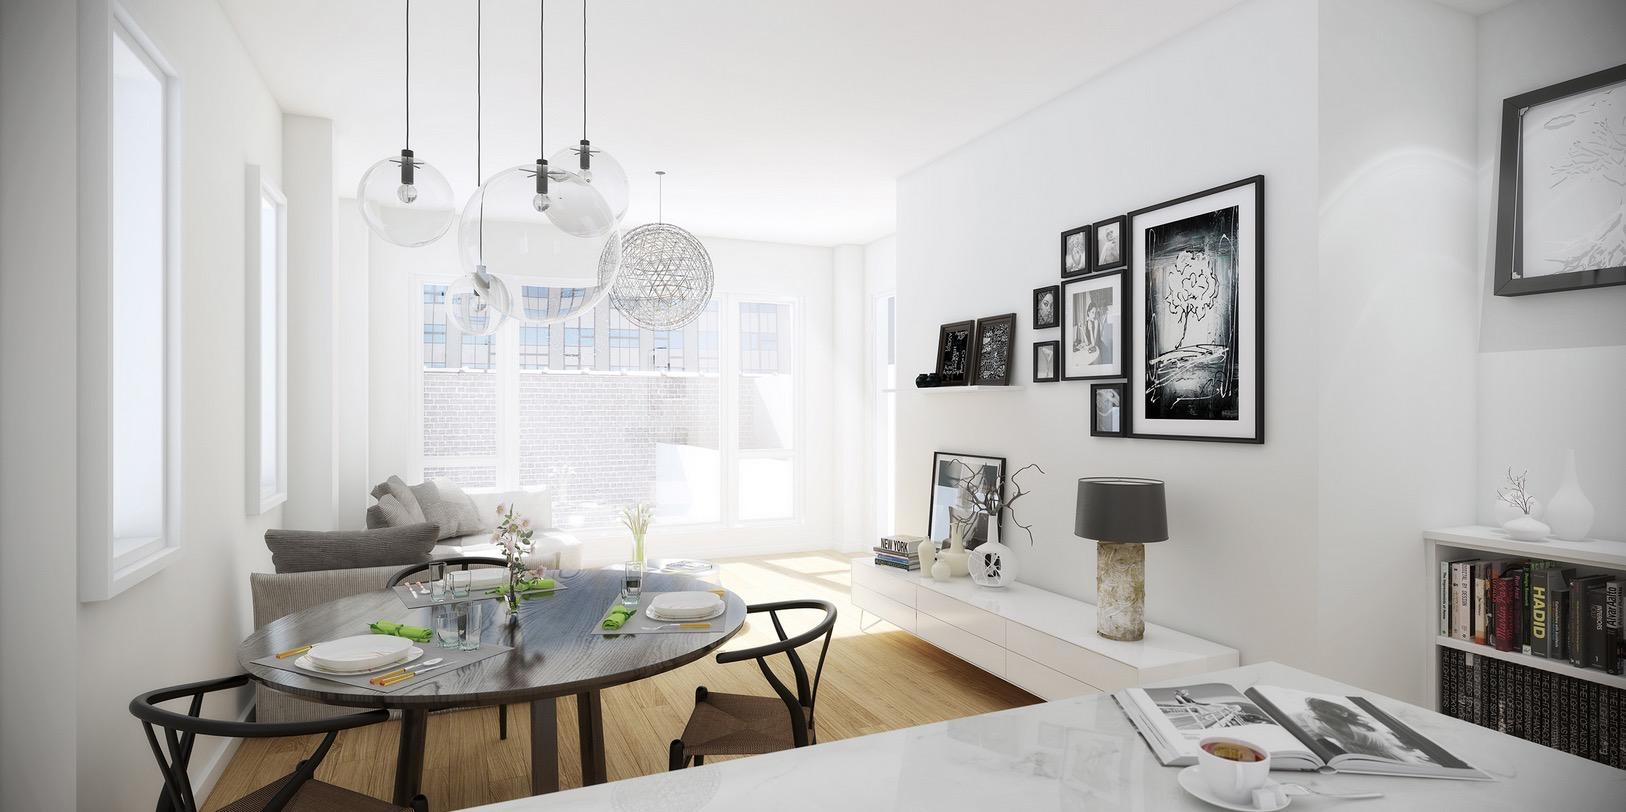 Wedo thiết kế nội thất phòng khách hiện đại,thoáng mát 12